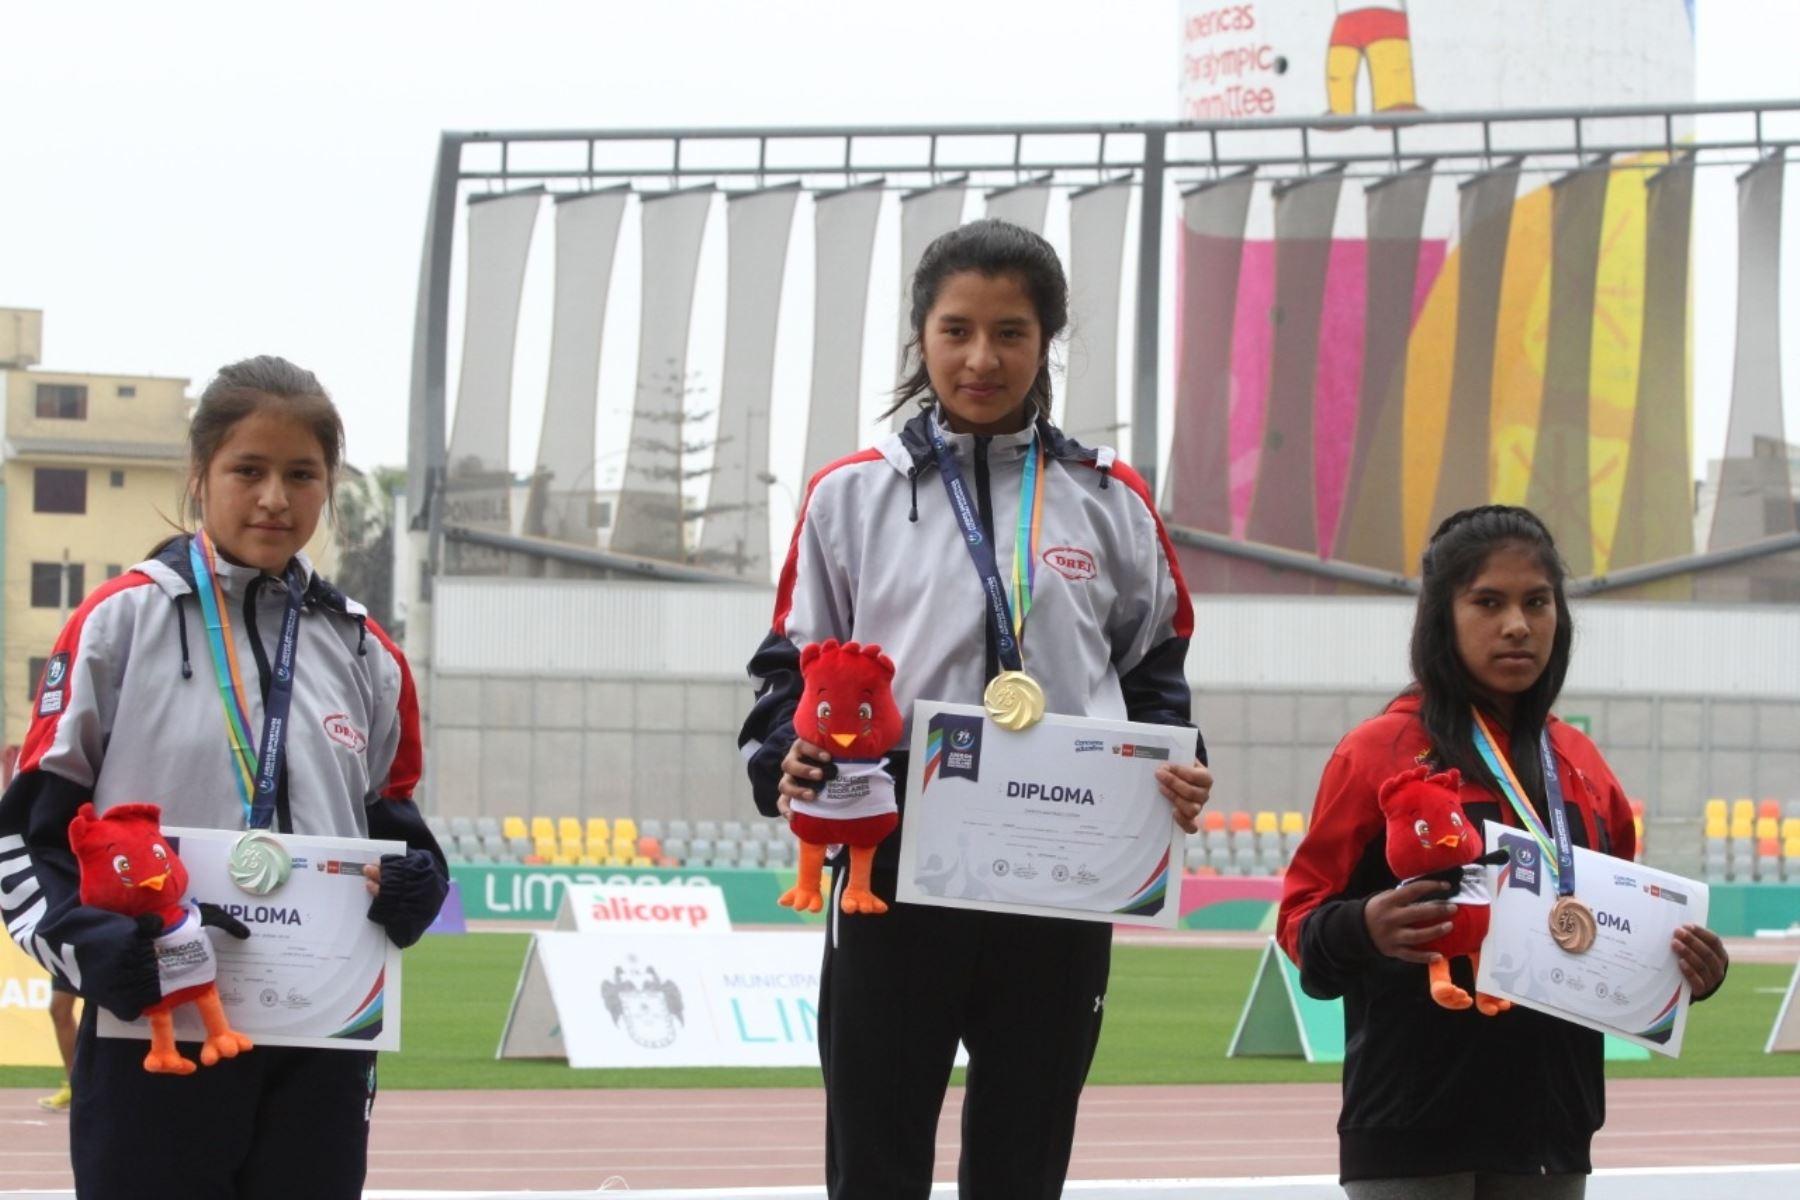 Lucero Choca Santiago y Jazmín Pérez Zamudio lograron imponerse en la prueba de los 1.500 metros